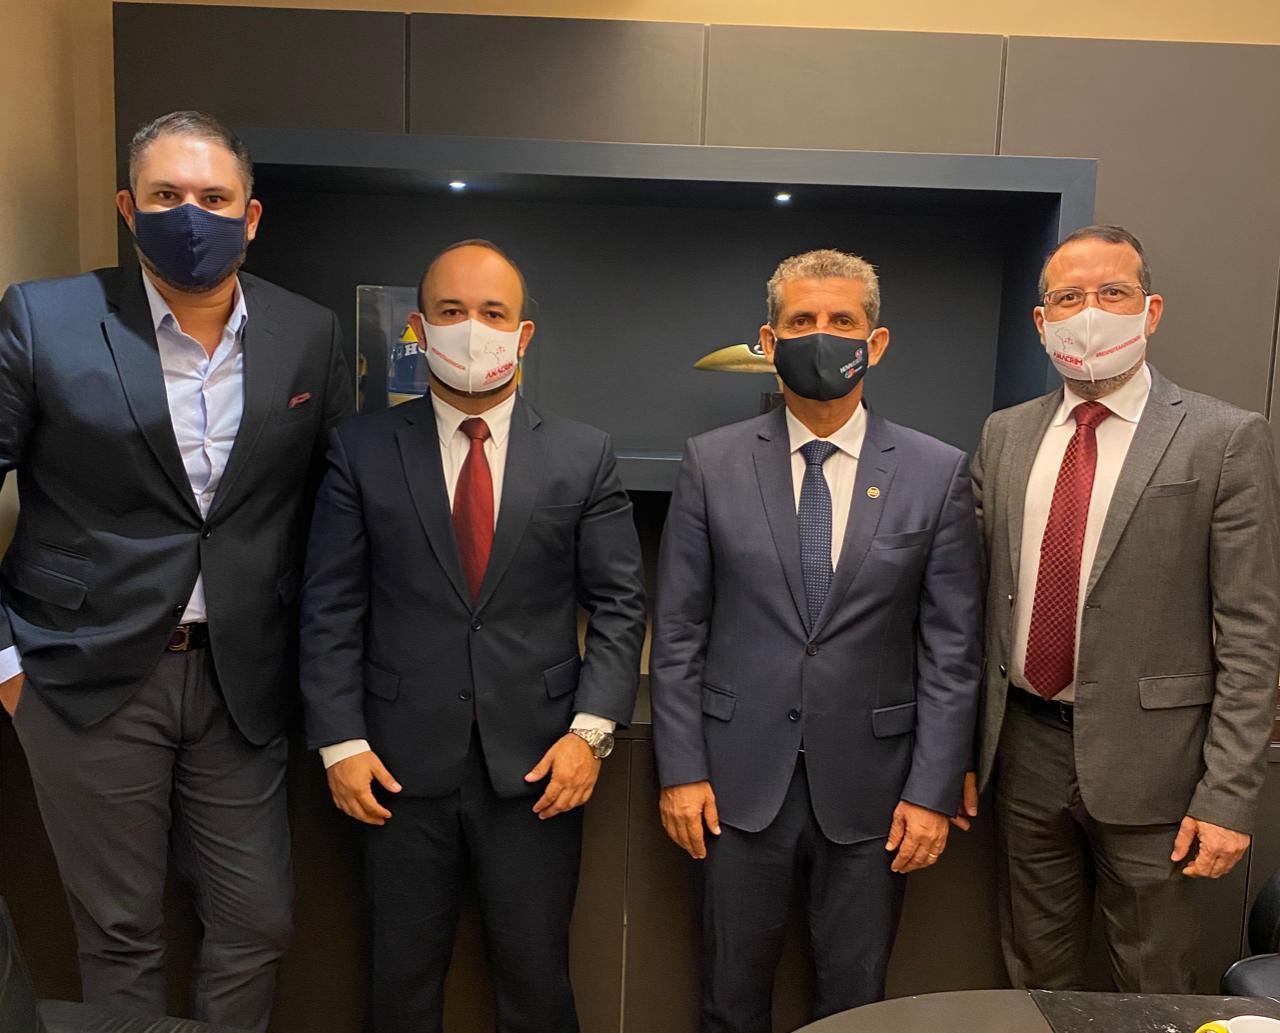 Presidentes da OAB-PB e da ANACRIM debatem desafios da advocacia criminal na Paraíba em 2021